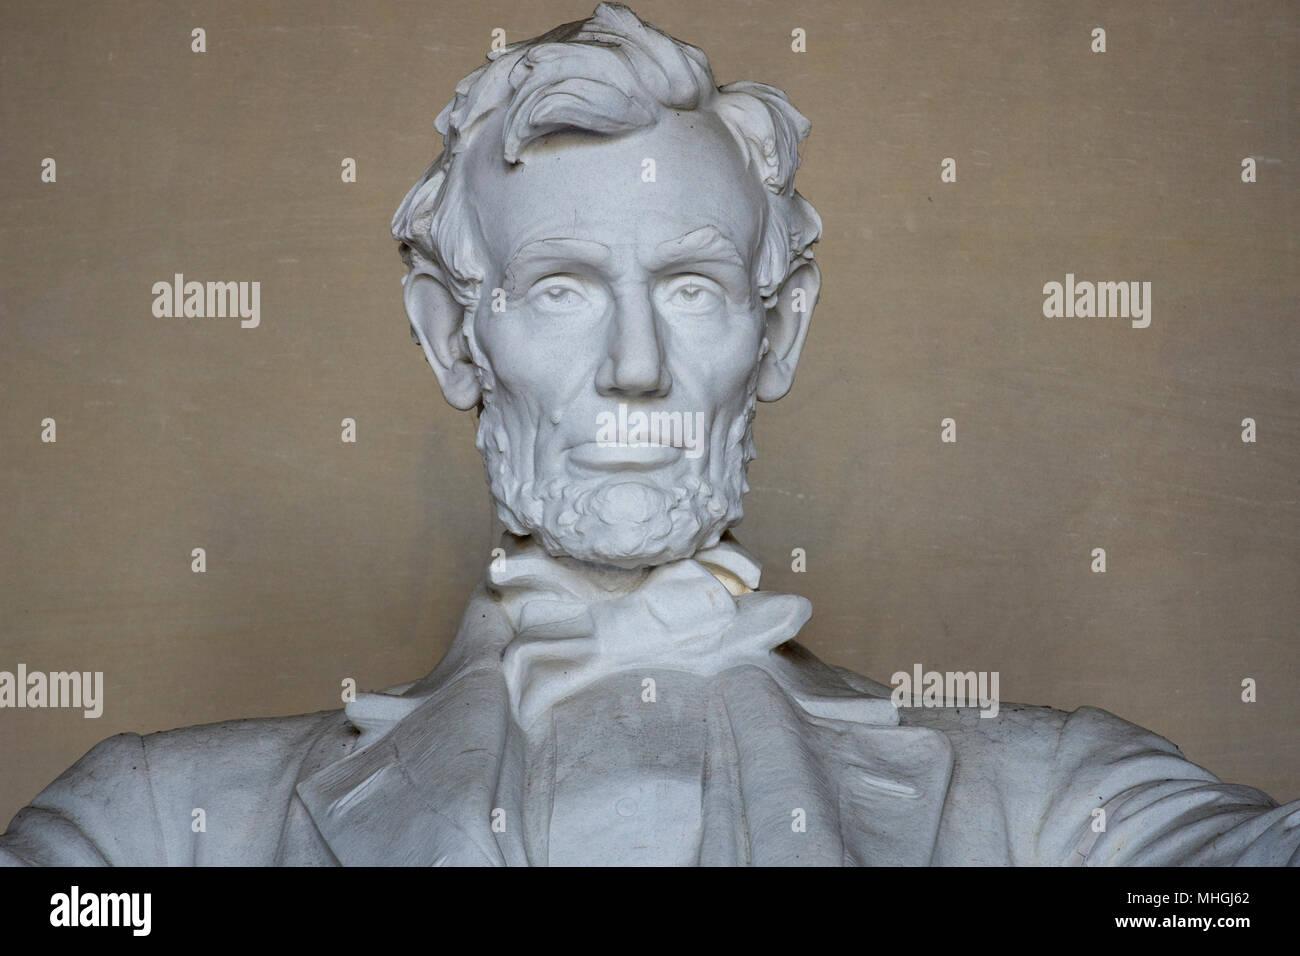 Kopf und Schultern der iconnic Skulptur von Abraham Lincoln von Bildhauer Daniel Chester French, am Lincoln Memorial in Washington, DC. Stockbild